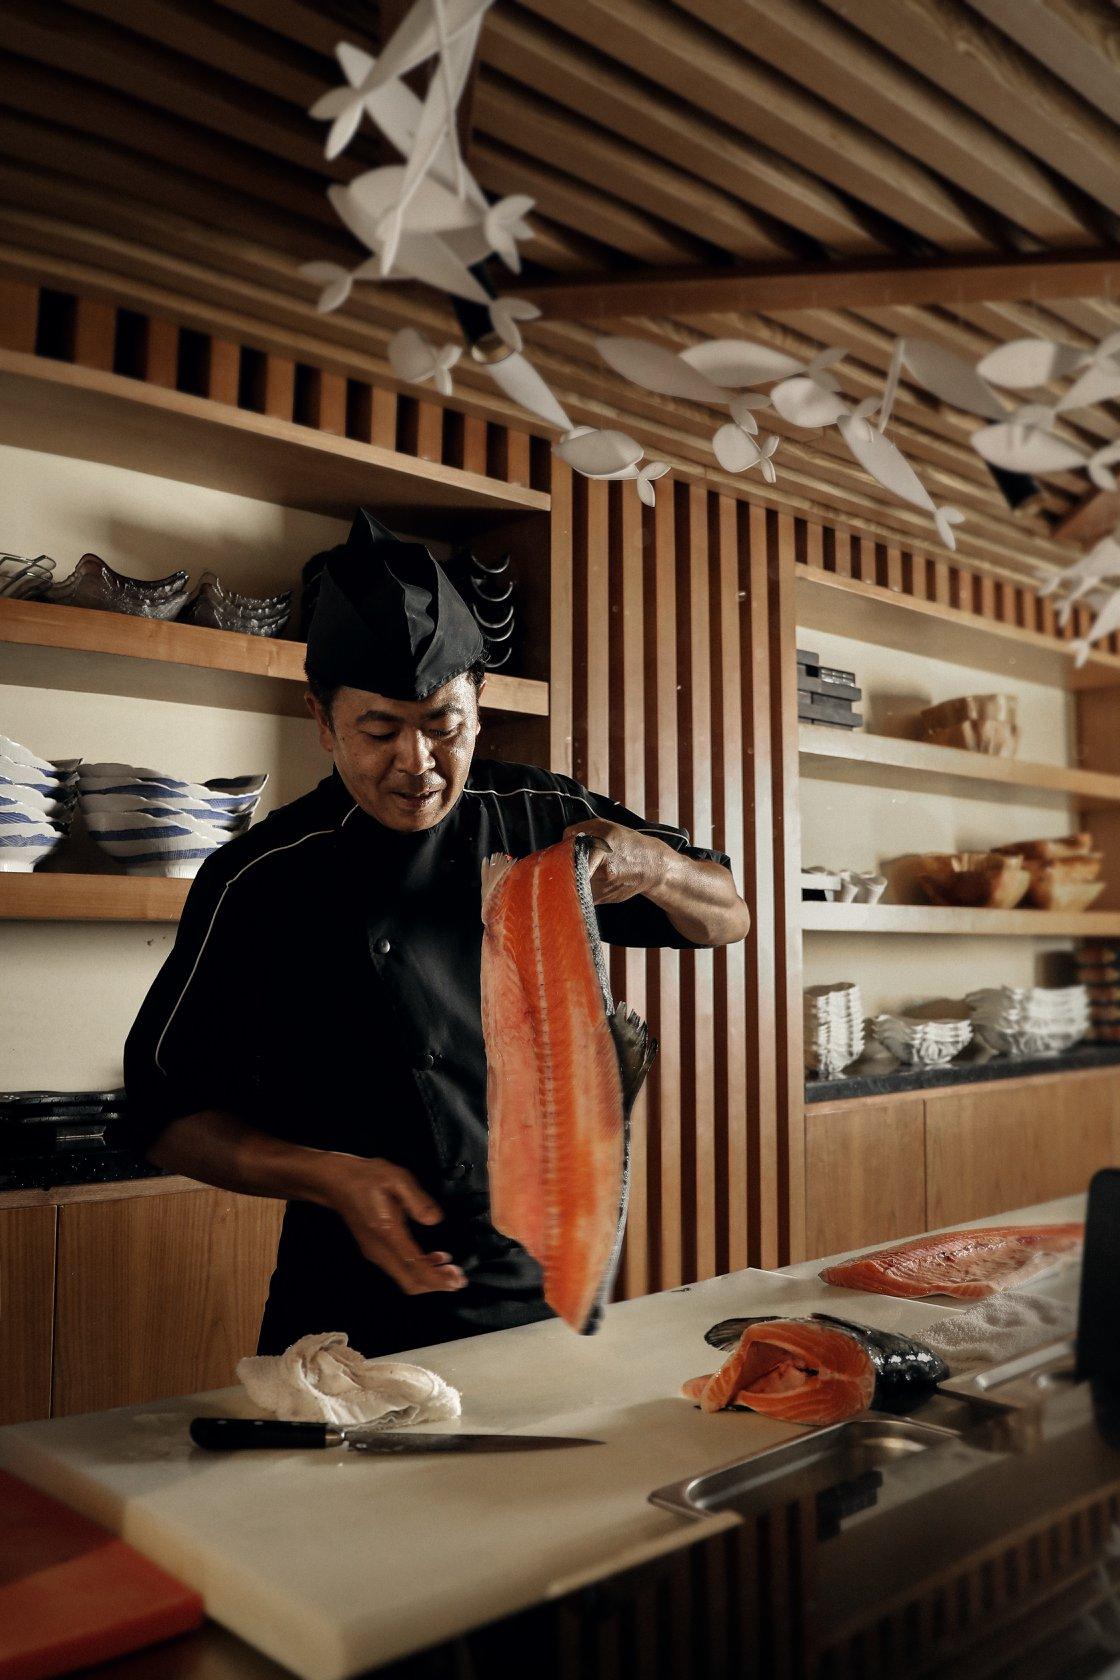 sushi kei nha hang nhat quan 3 noi tieng